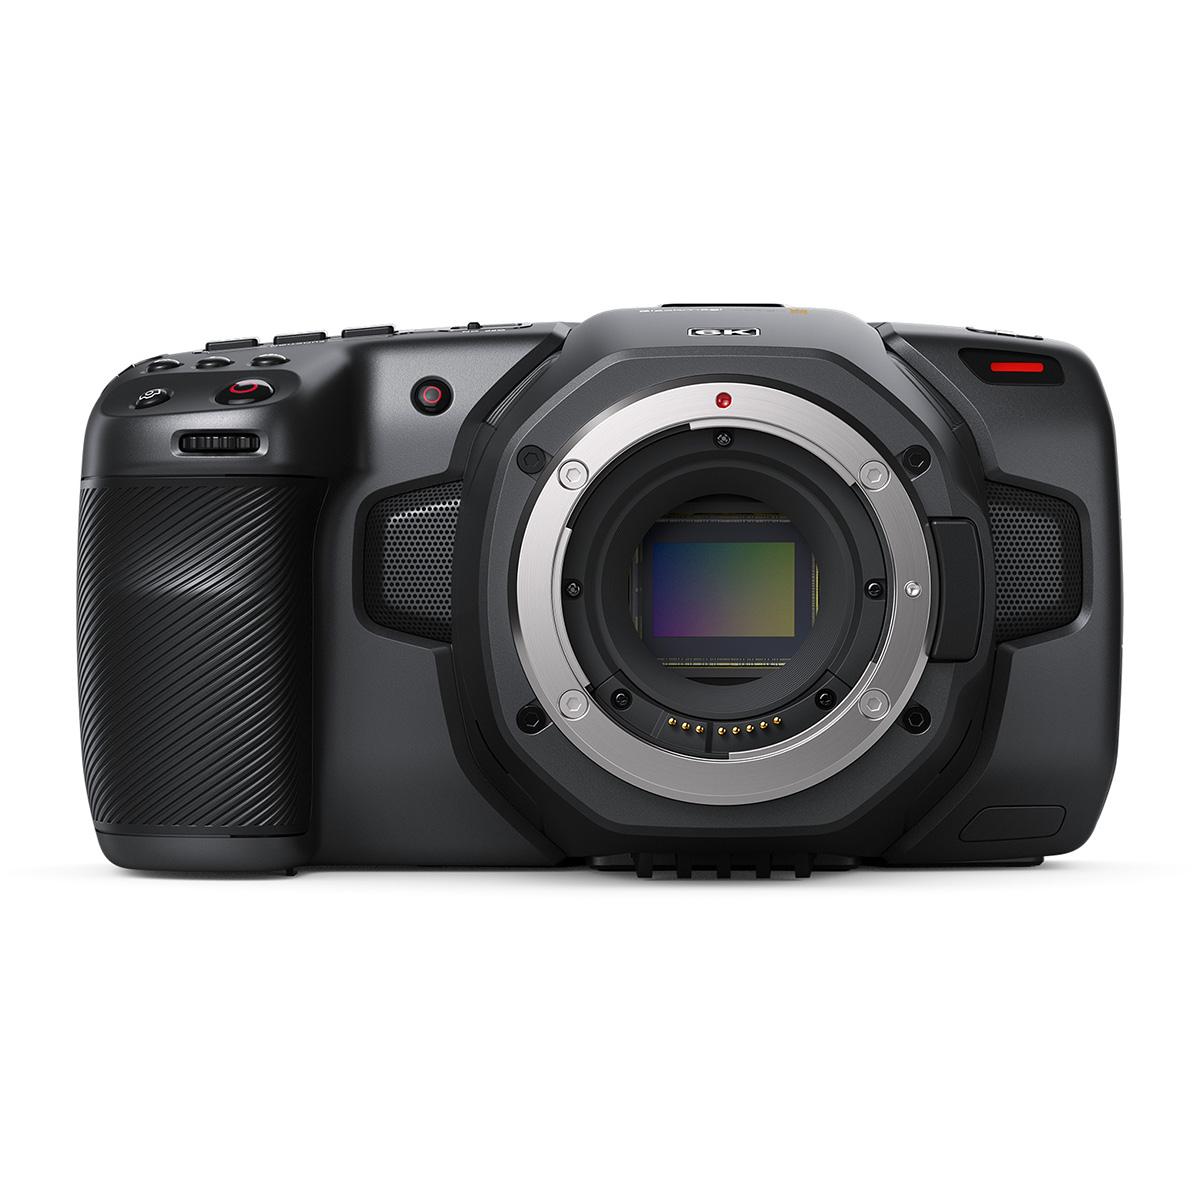 《新品》【Blackmagic Design正規特約店です】Blackmagic Pocket Cinema Camera 6K 6Kデジタルフィルムカメラ(レンズ別売)